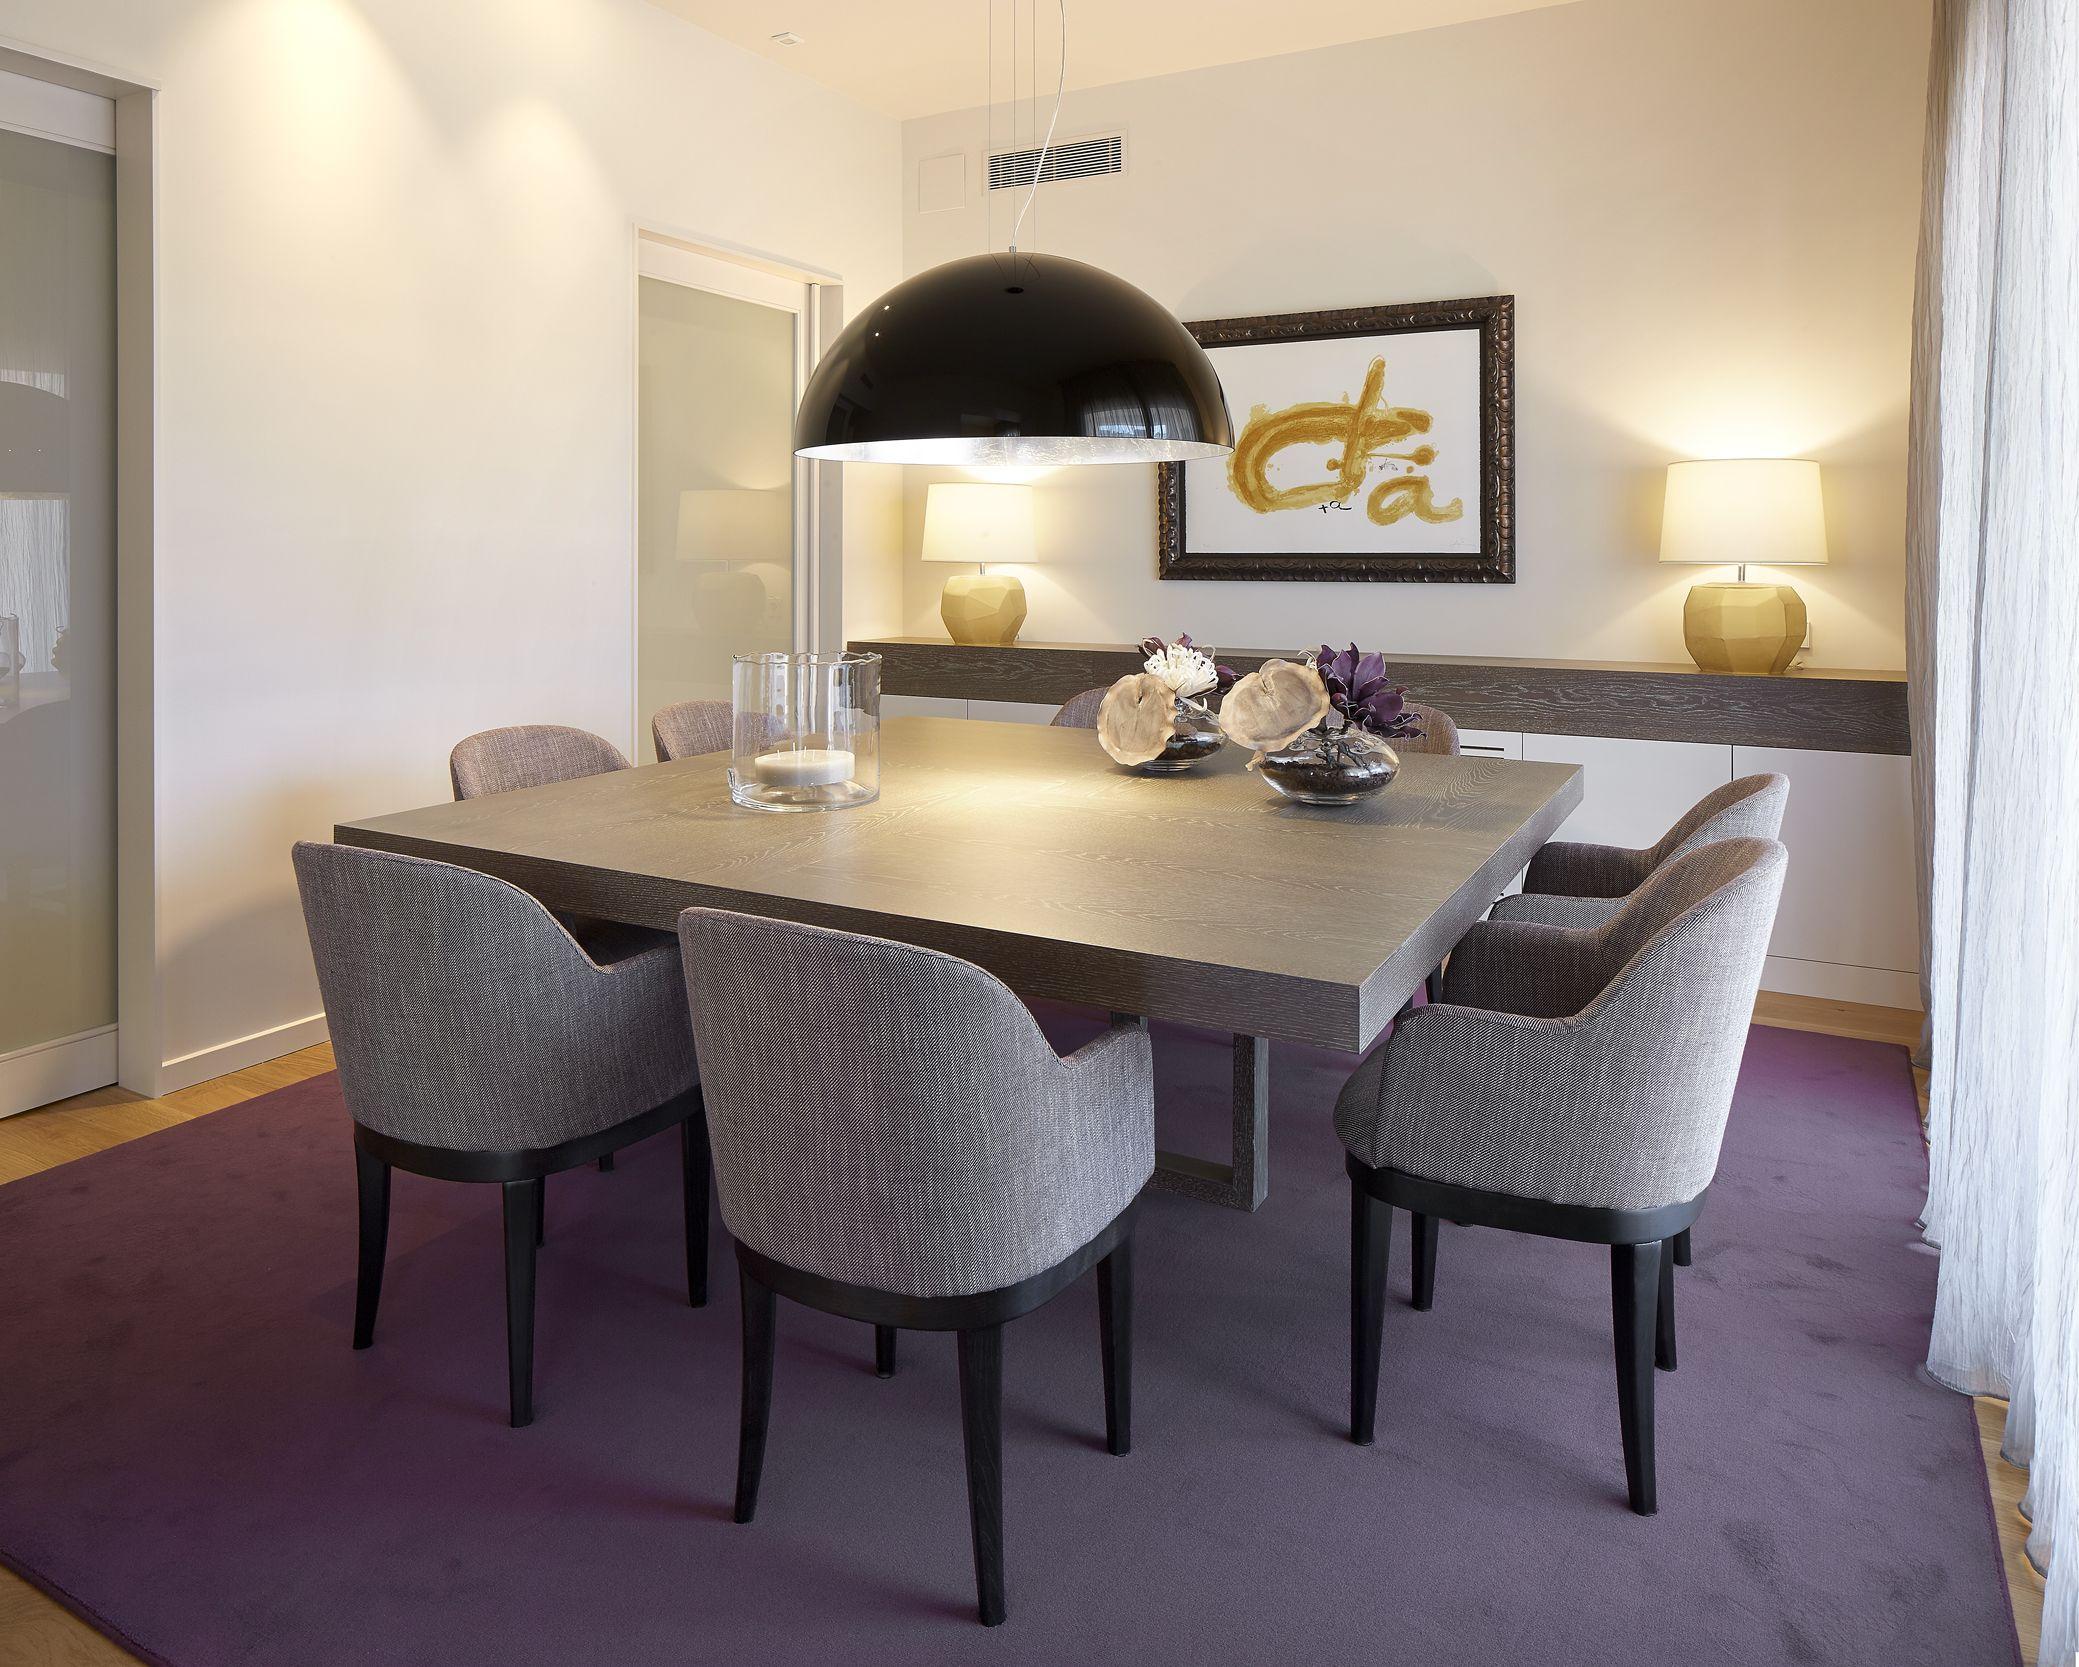 Molinsdesign dise os modernos para comedores decoracioncomedor molinsdesign fancy decor Comedores diseno moderno